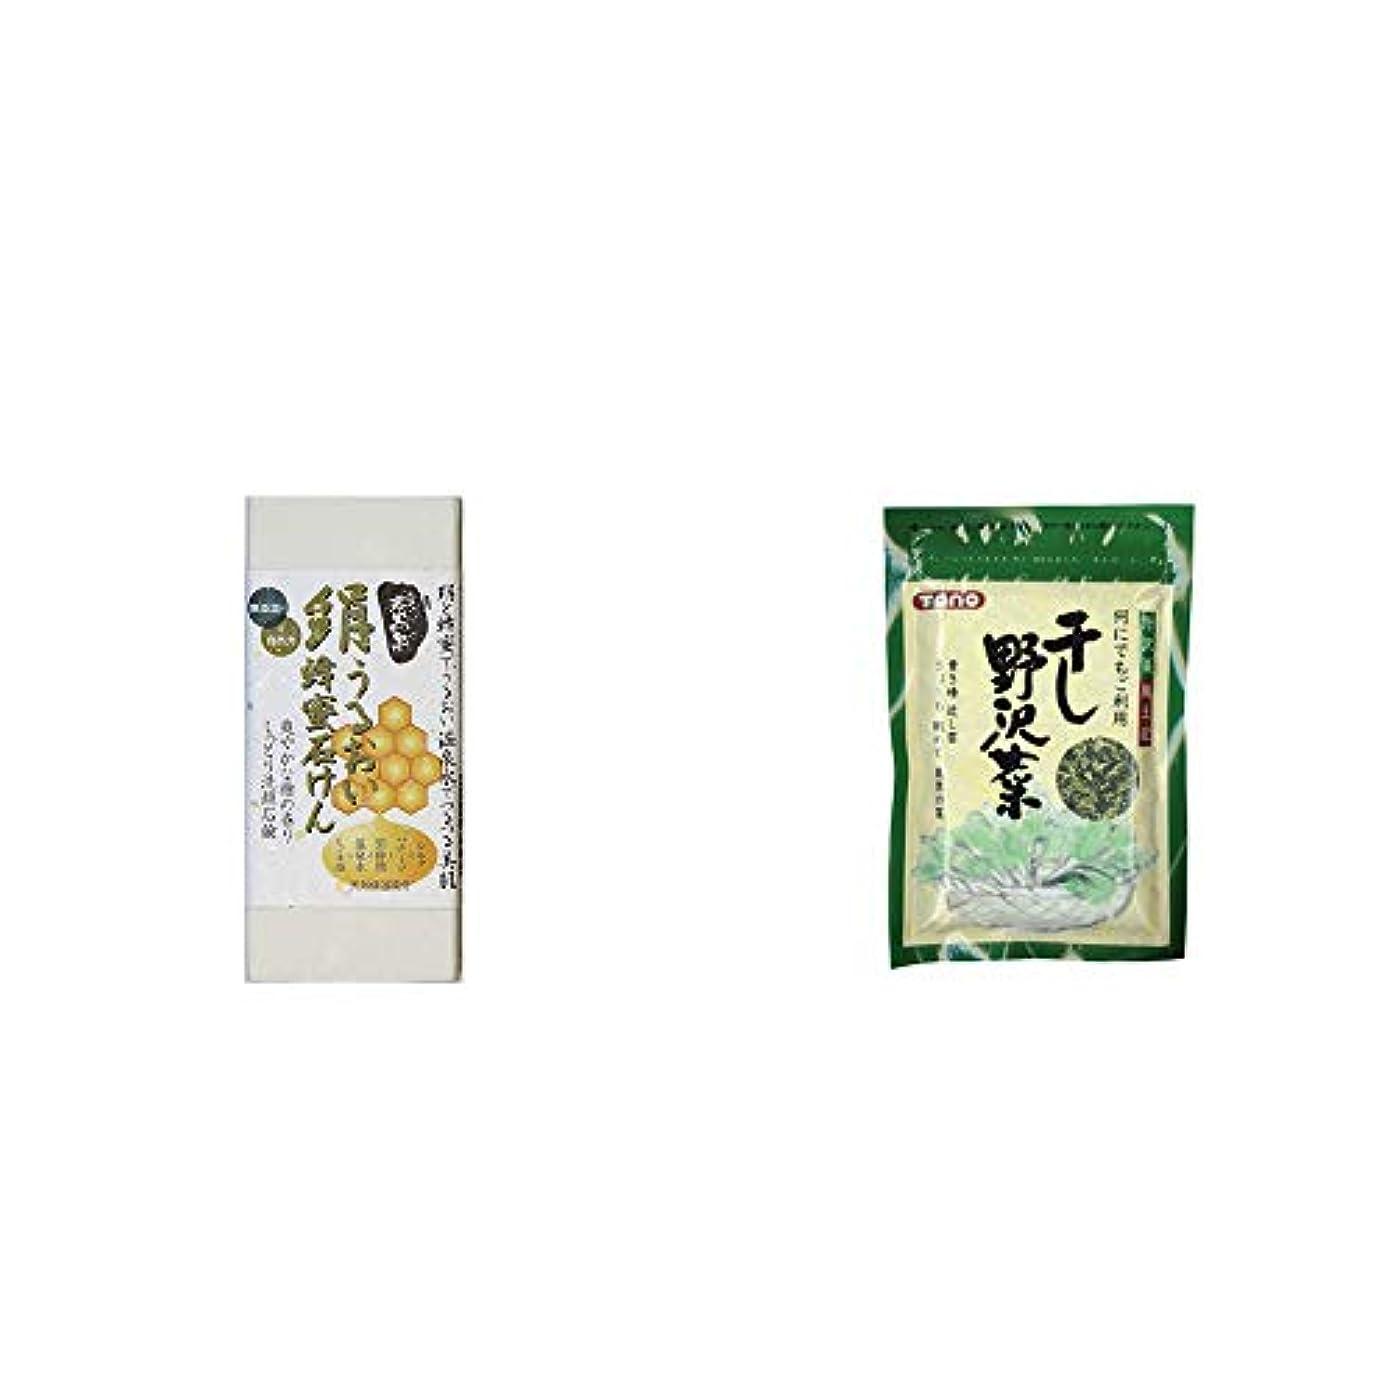 悪化するそう木材[2点セット] ひのき炭黒泉 絹うるおい蜂蜜石けん(75g×2)?干し野沢菜(100g)